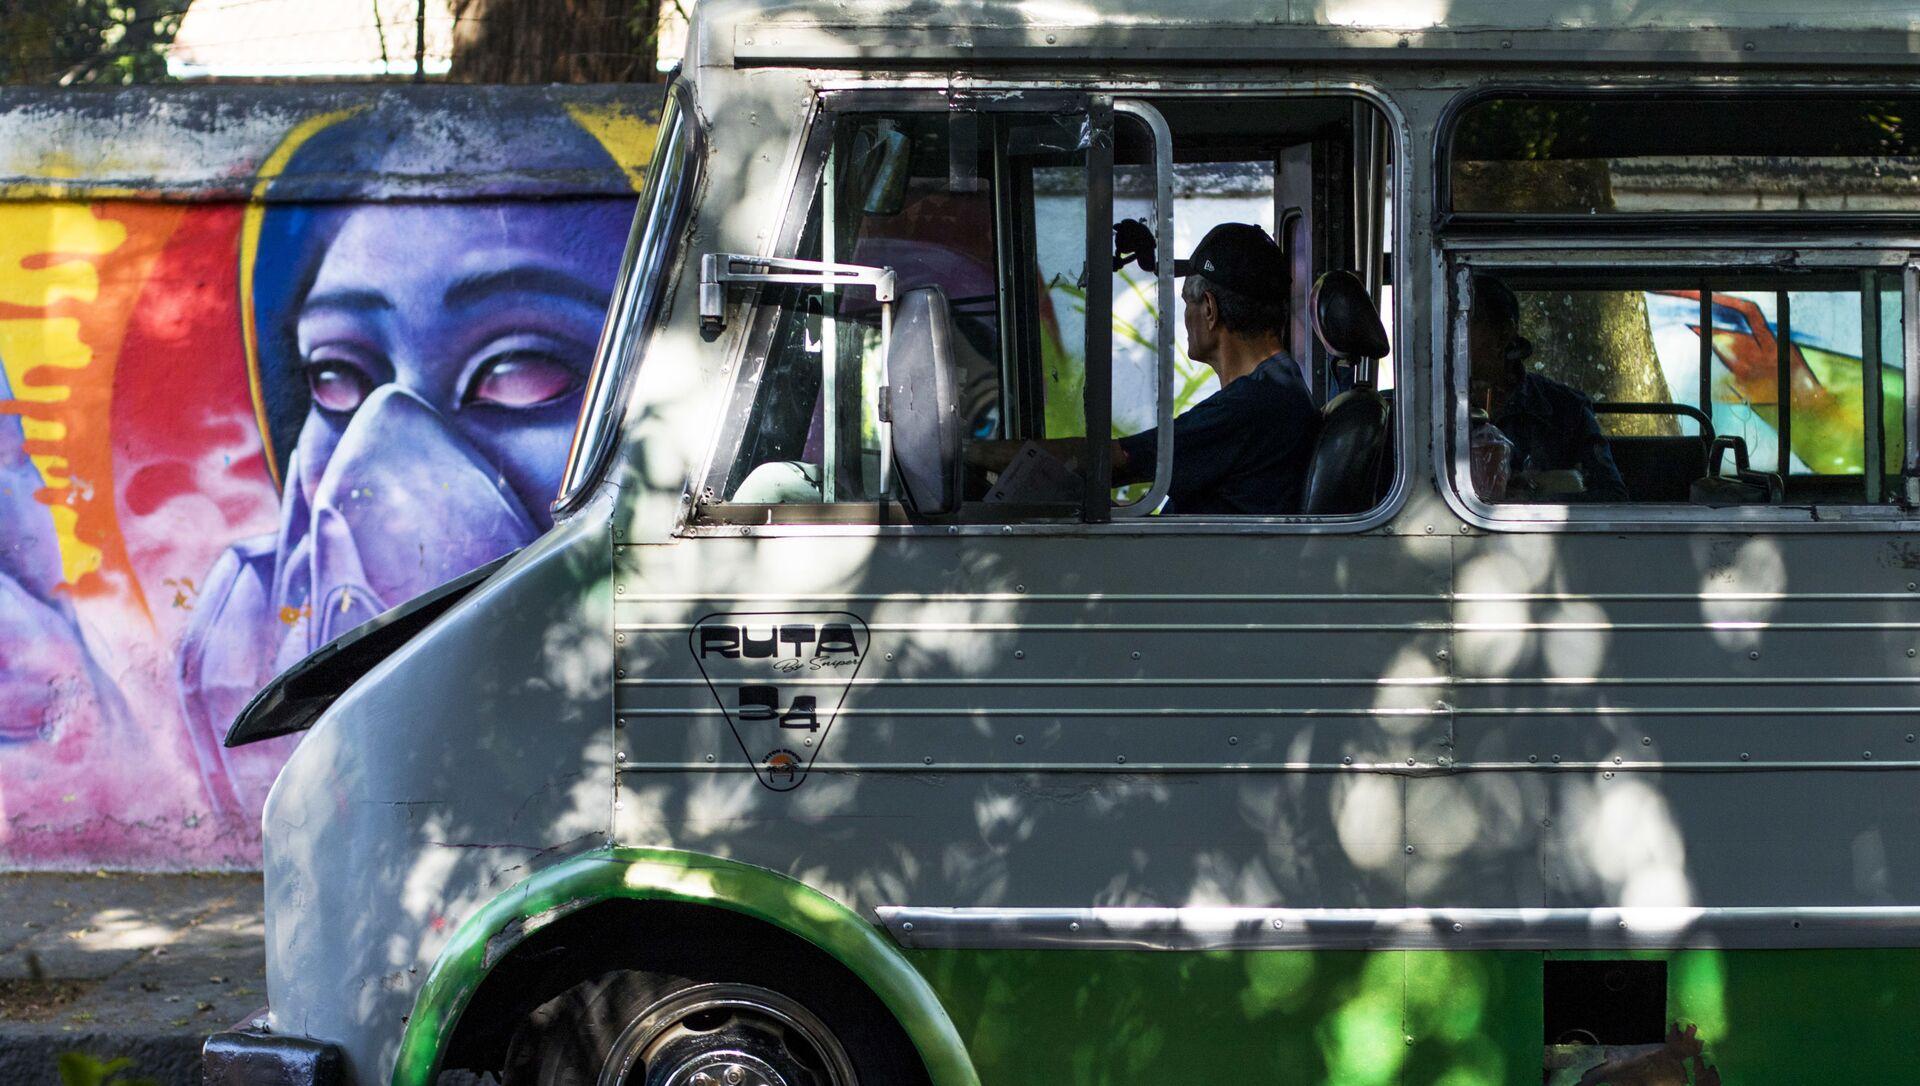 Un autobus en la Ciudad de México (imagen referencial) - Sputnik Mundo, 1920, 03.02.2021